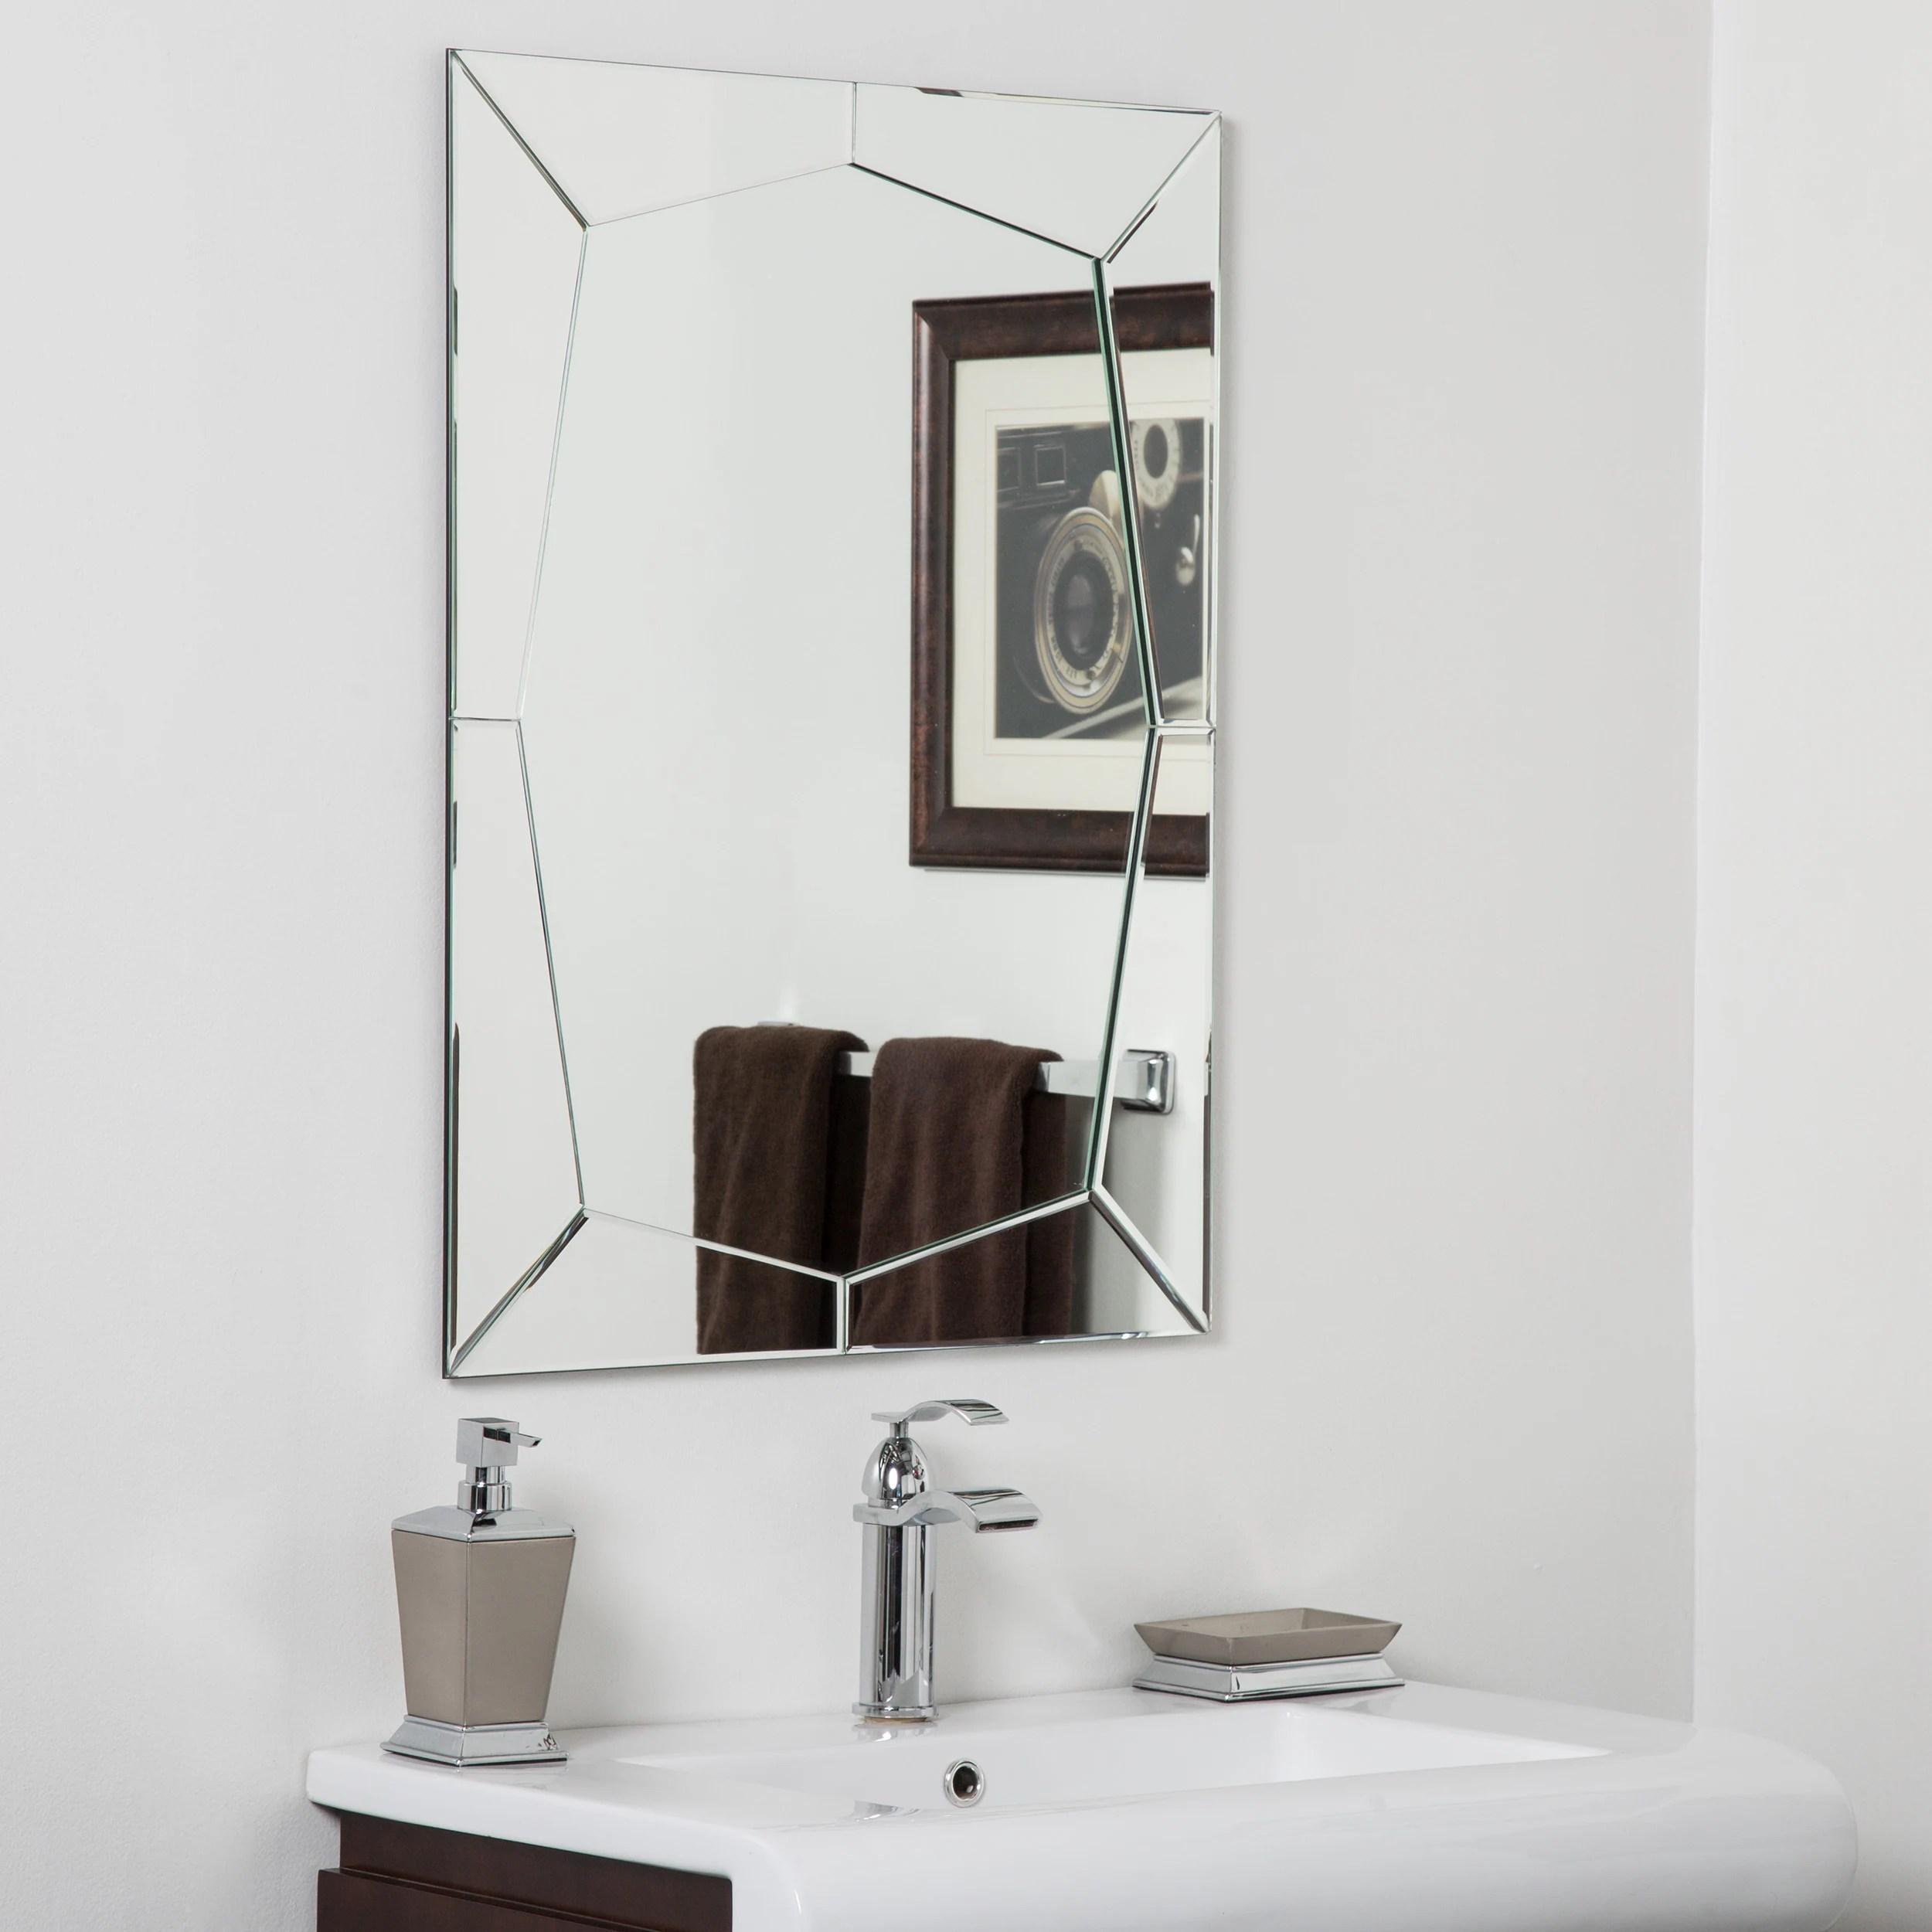 Shop Black Friday Deals On Carstadt Modern Clear Glass Frameless Bathroom Mirror Silver 31 5hx23 6wx 5d Overstock 13002443